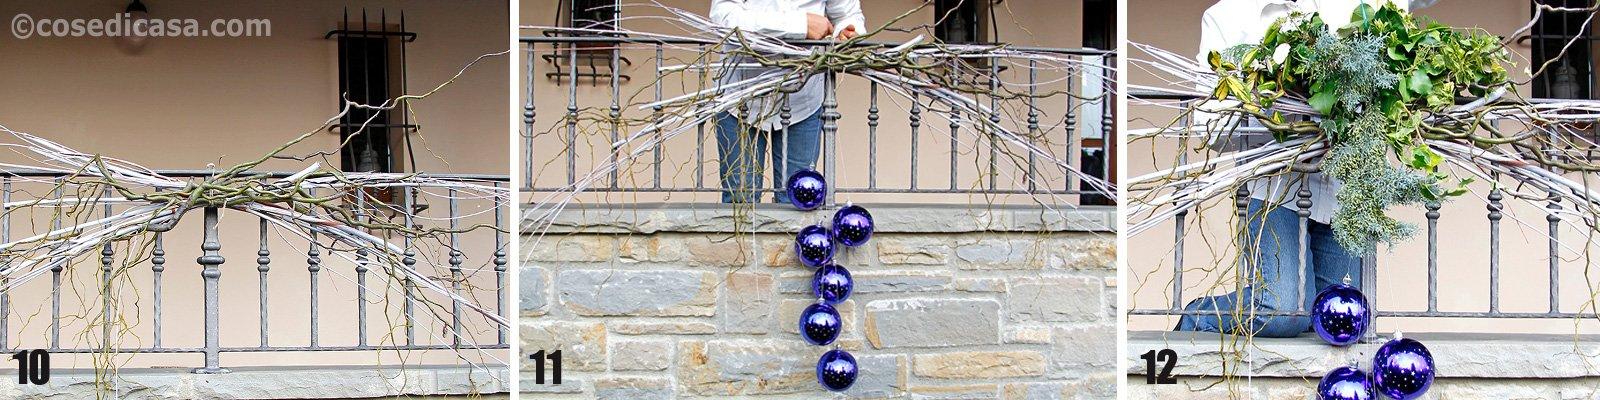 decorazioni autunnali per il terrazzo : Decorazione natalizia per il balcone - Cose di Casa